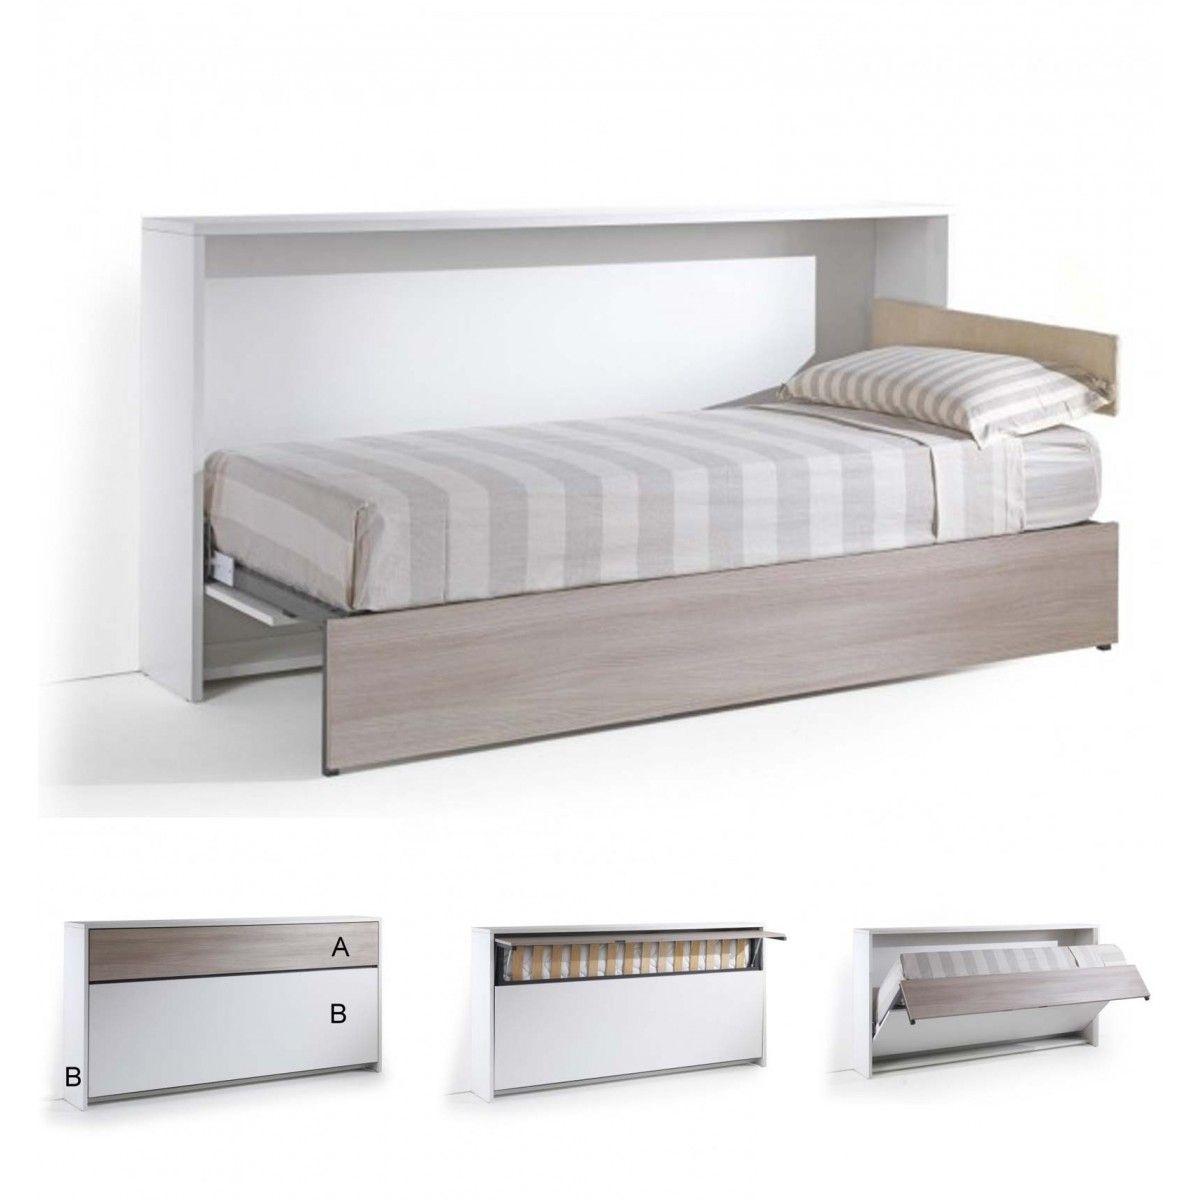 Mobile letto maconi - Mobile a letto ...